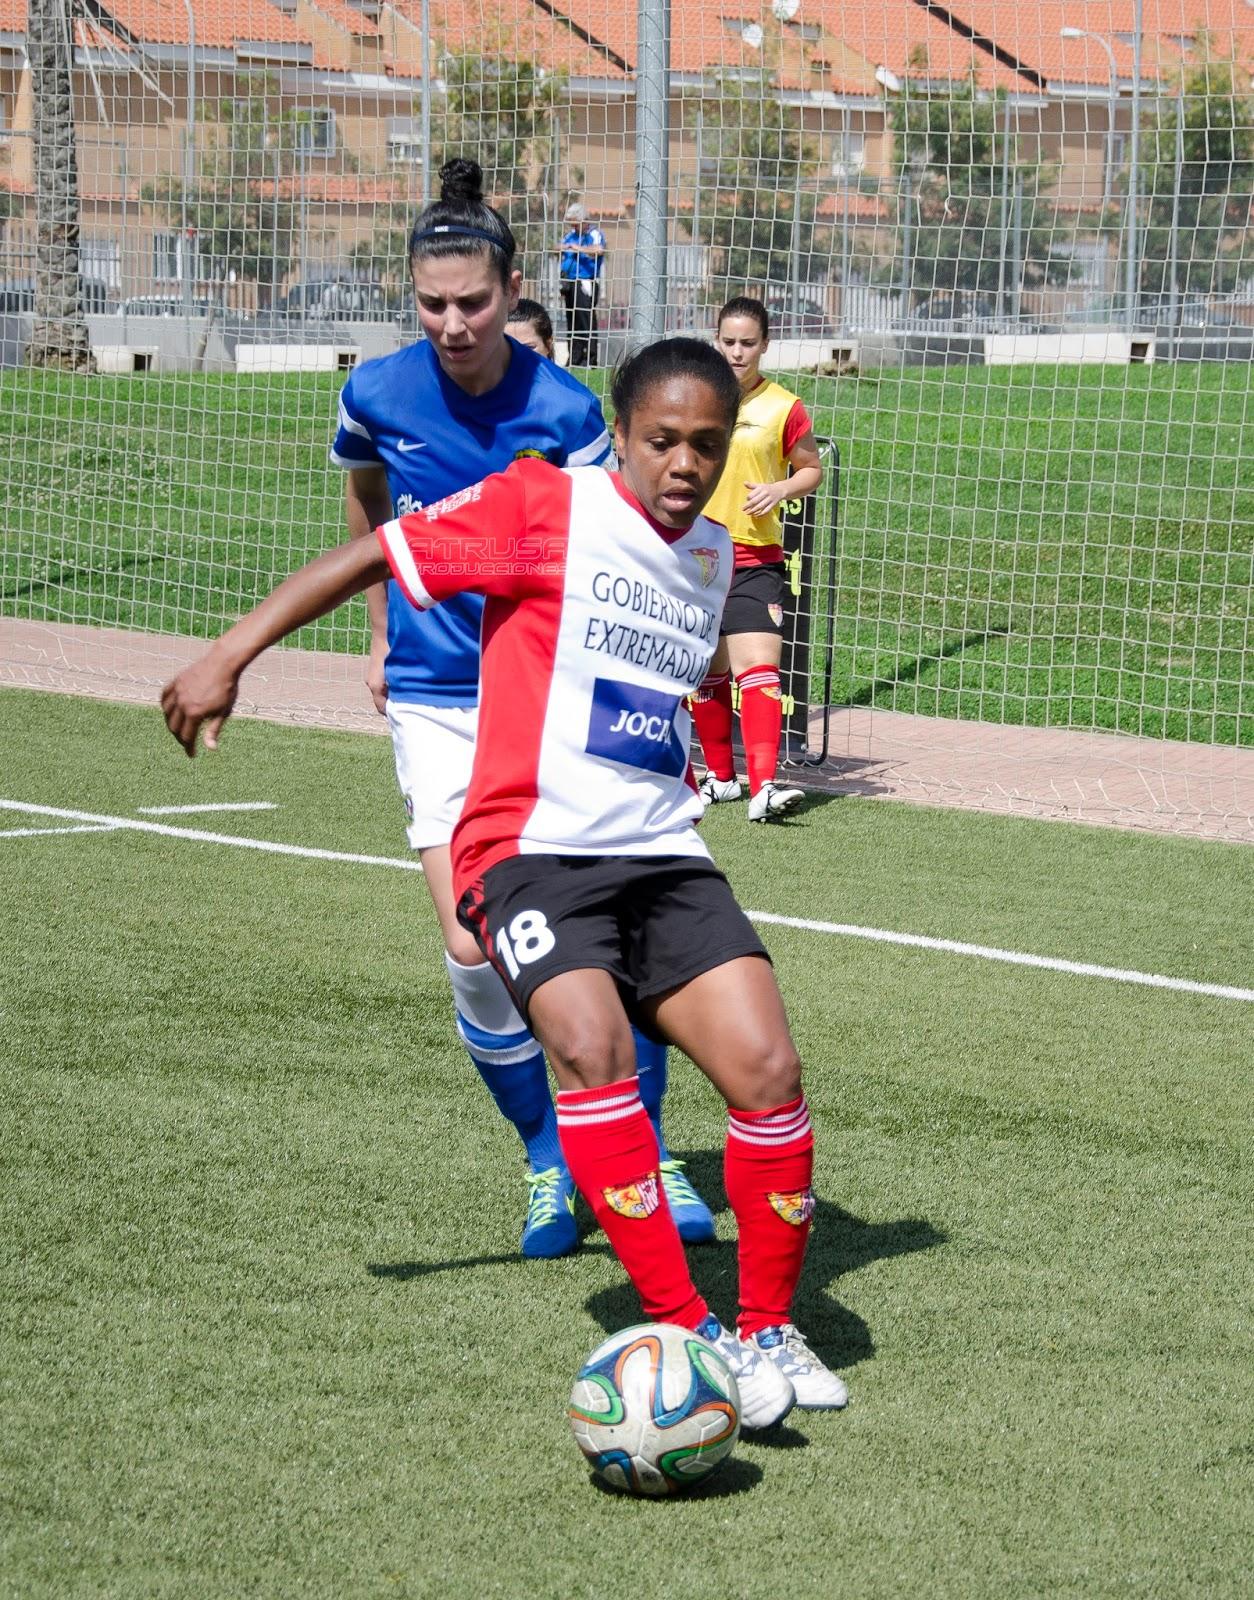 Dos chicas jugando fútbol, una regatea y otra defiende